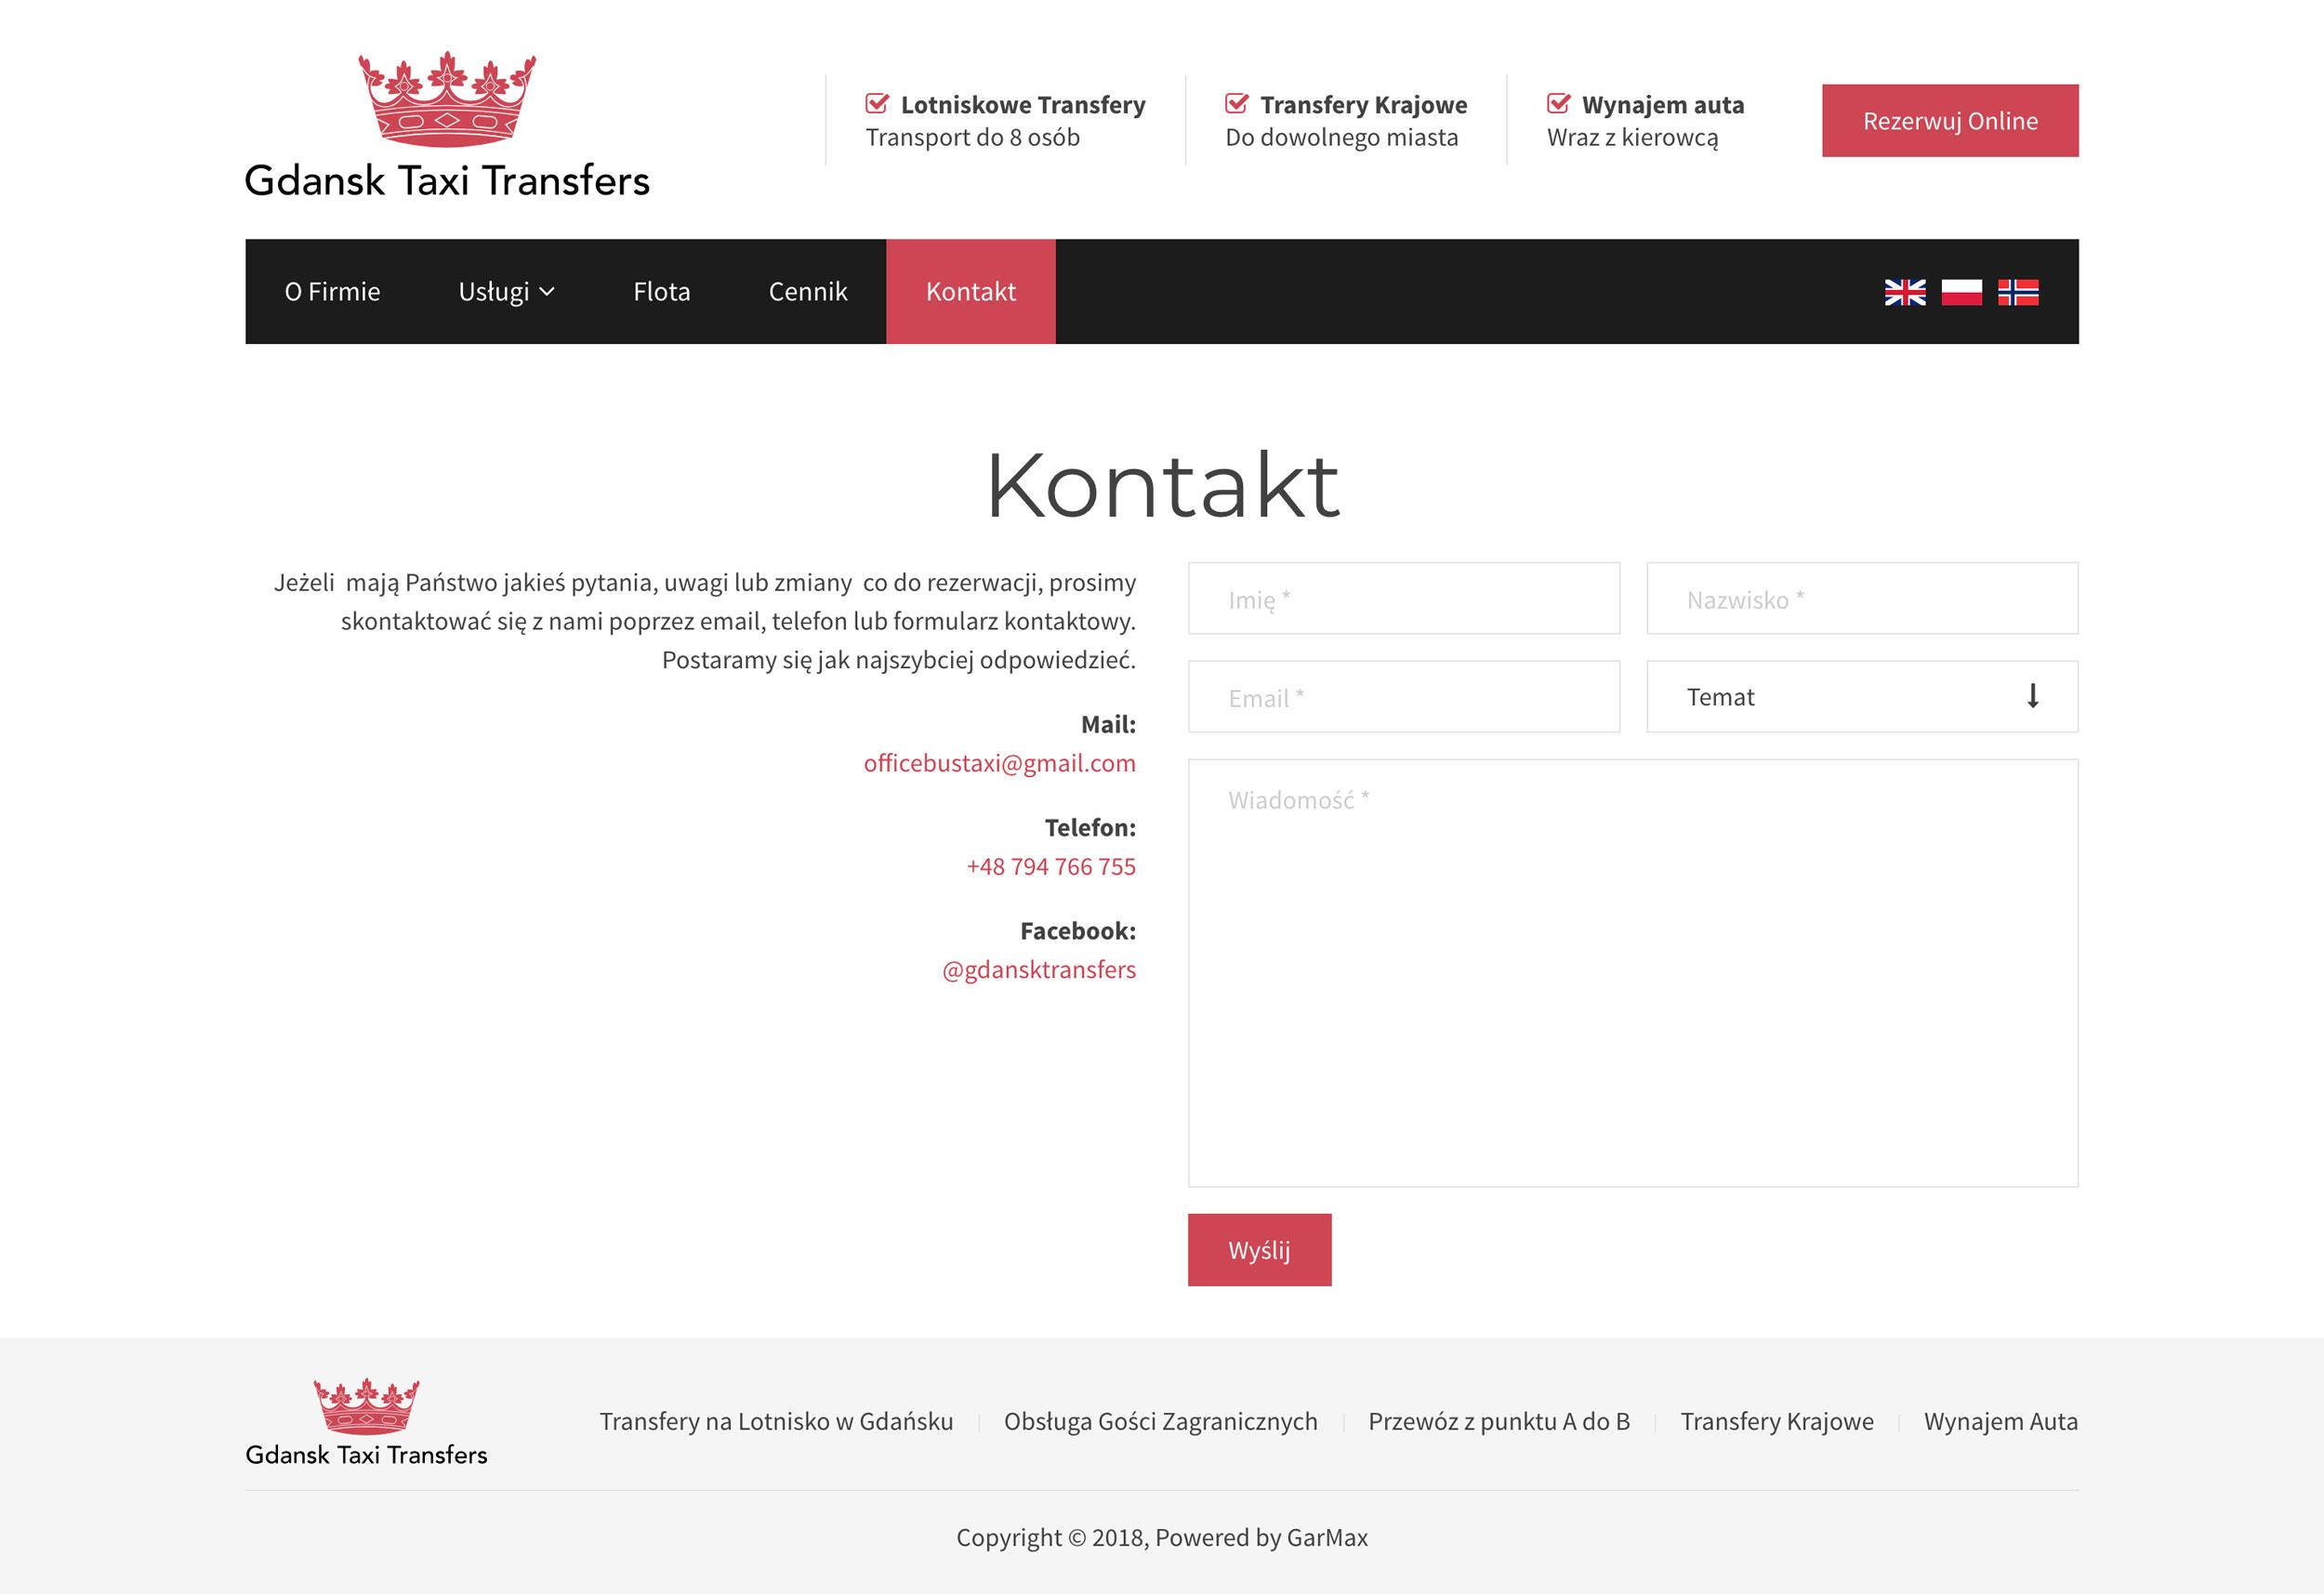 Gdańsk Taxi Transfers - Kontakt